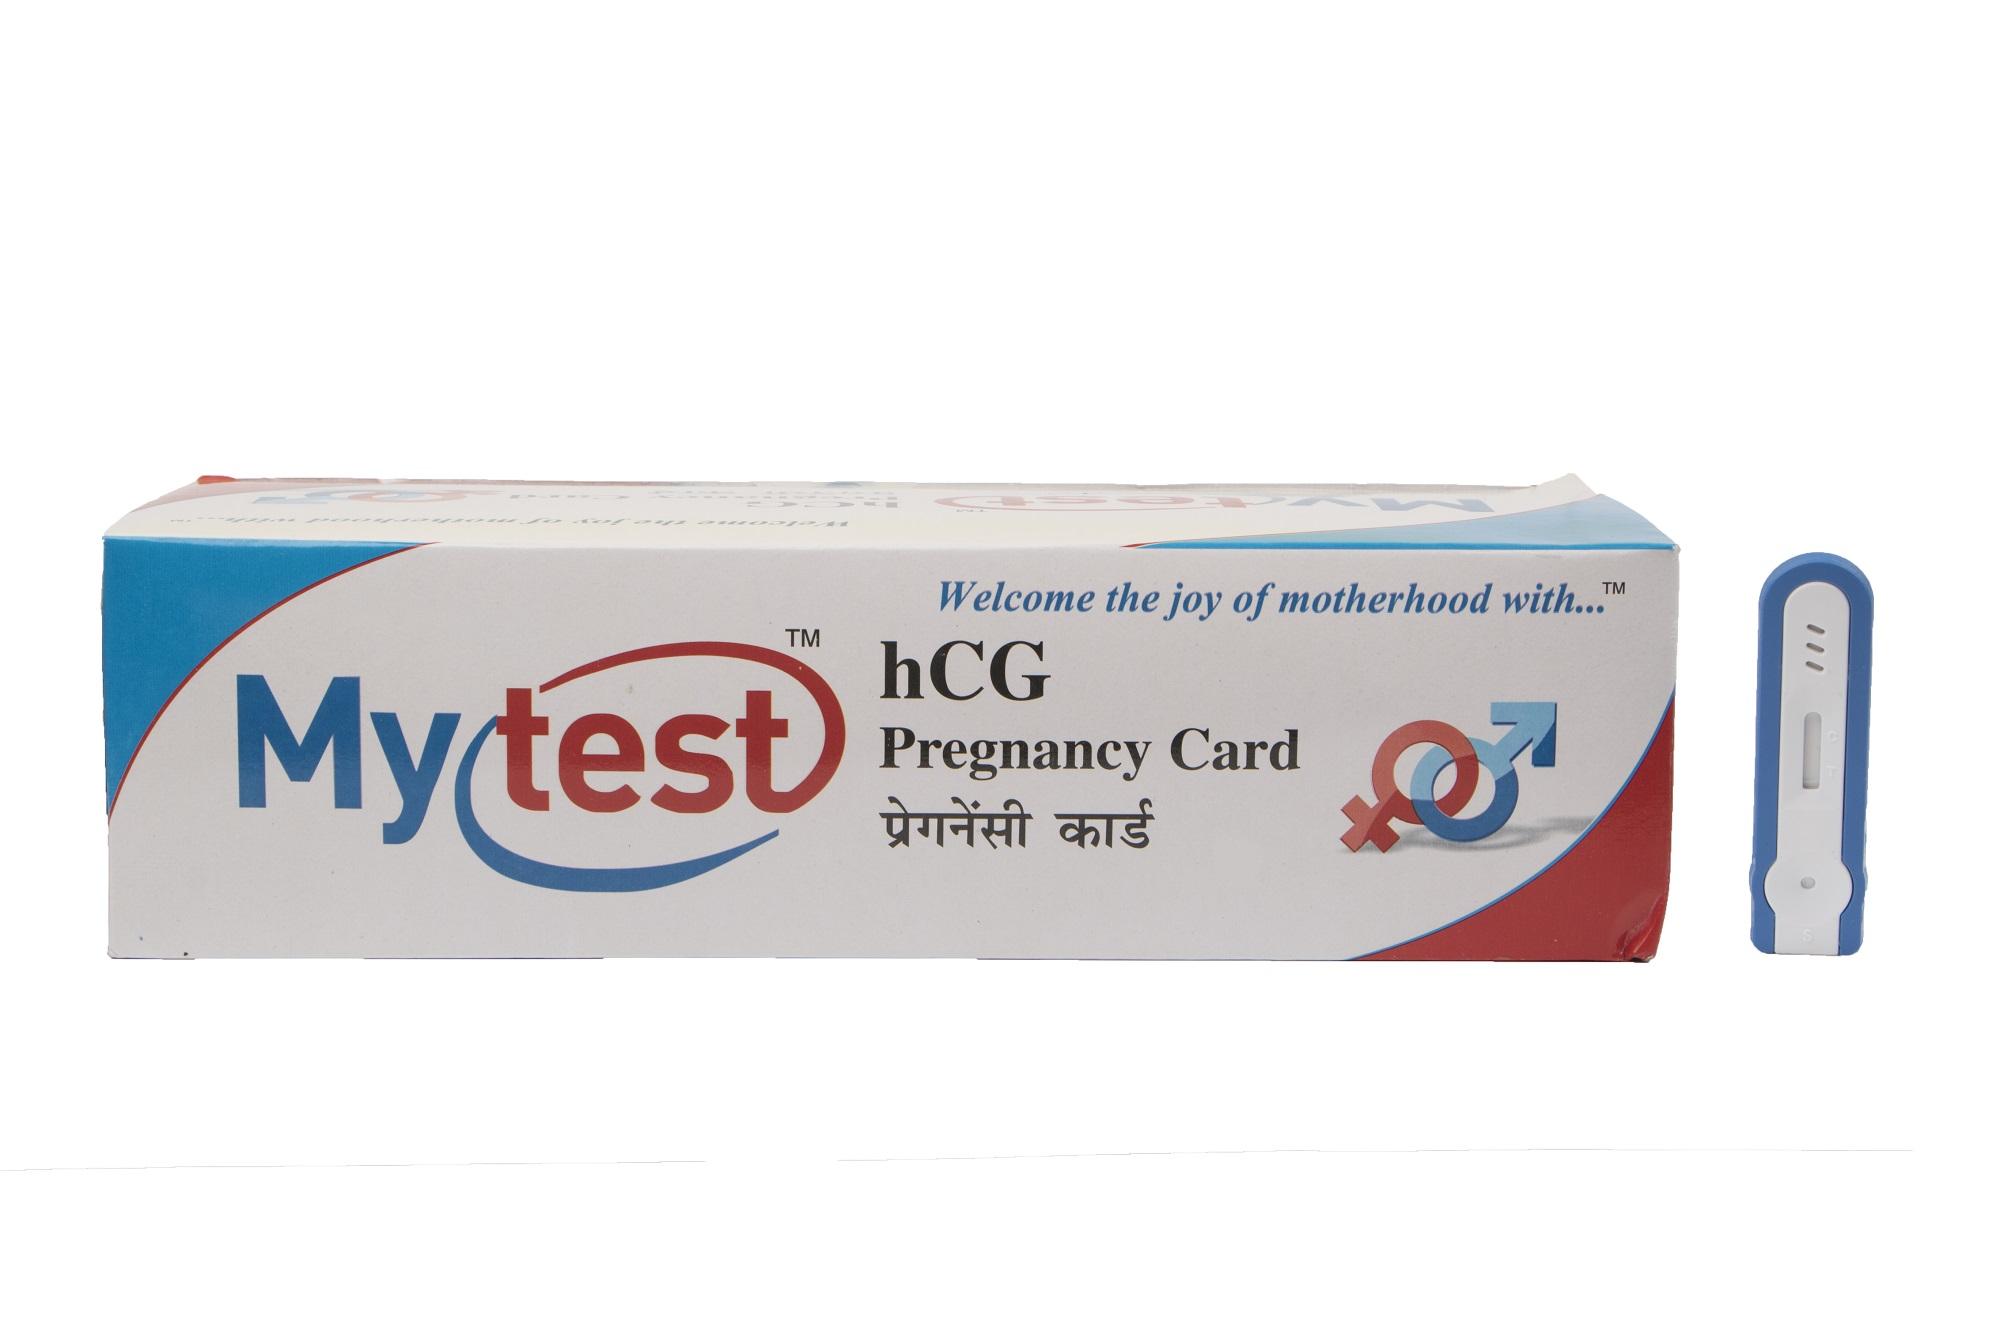 Mytest hCG Pregnancy Card